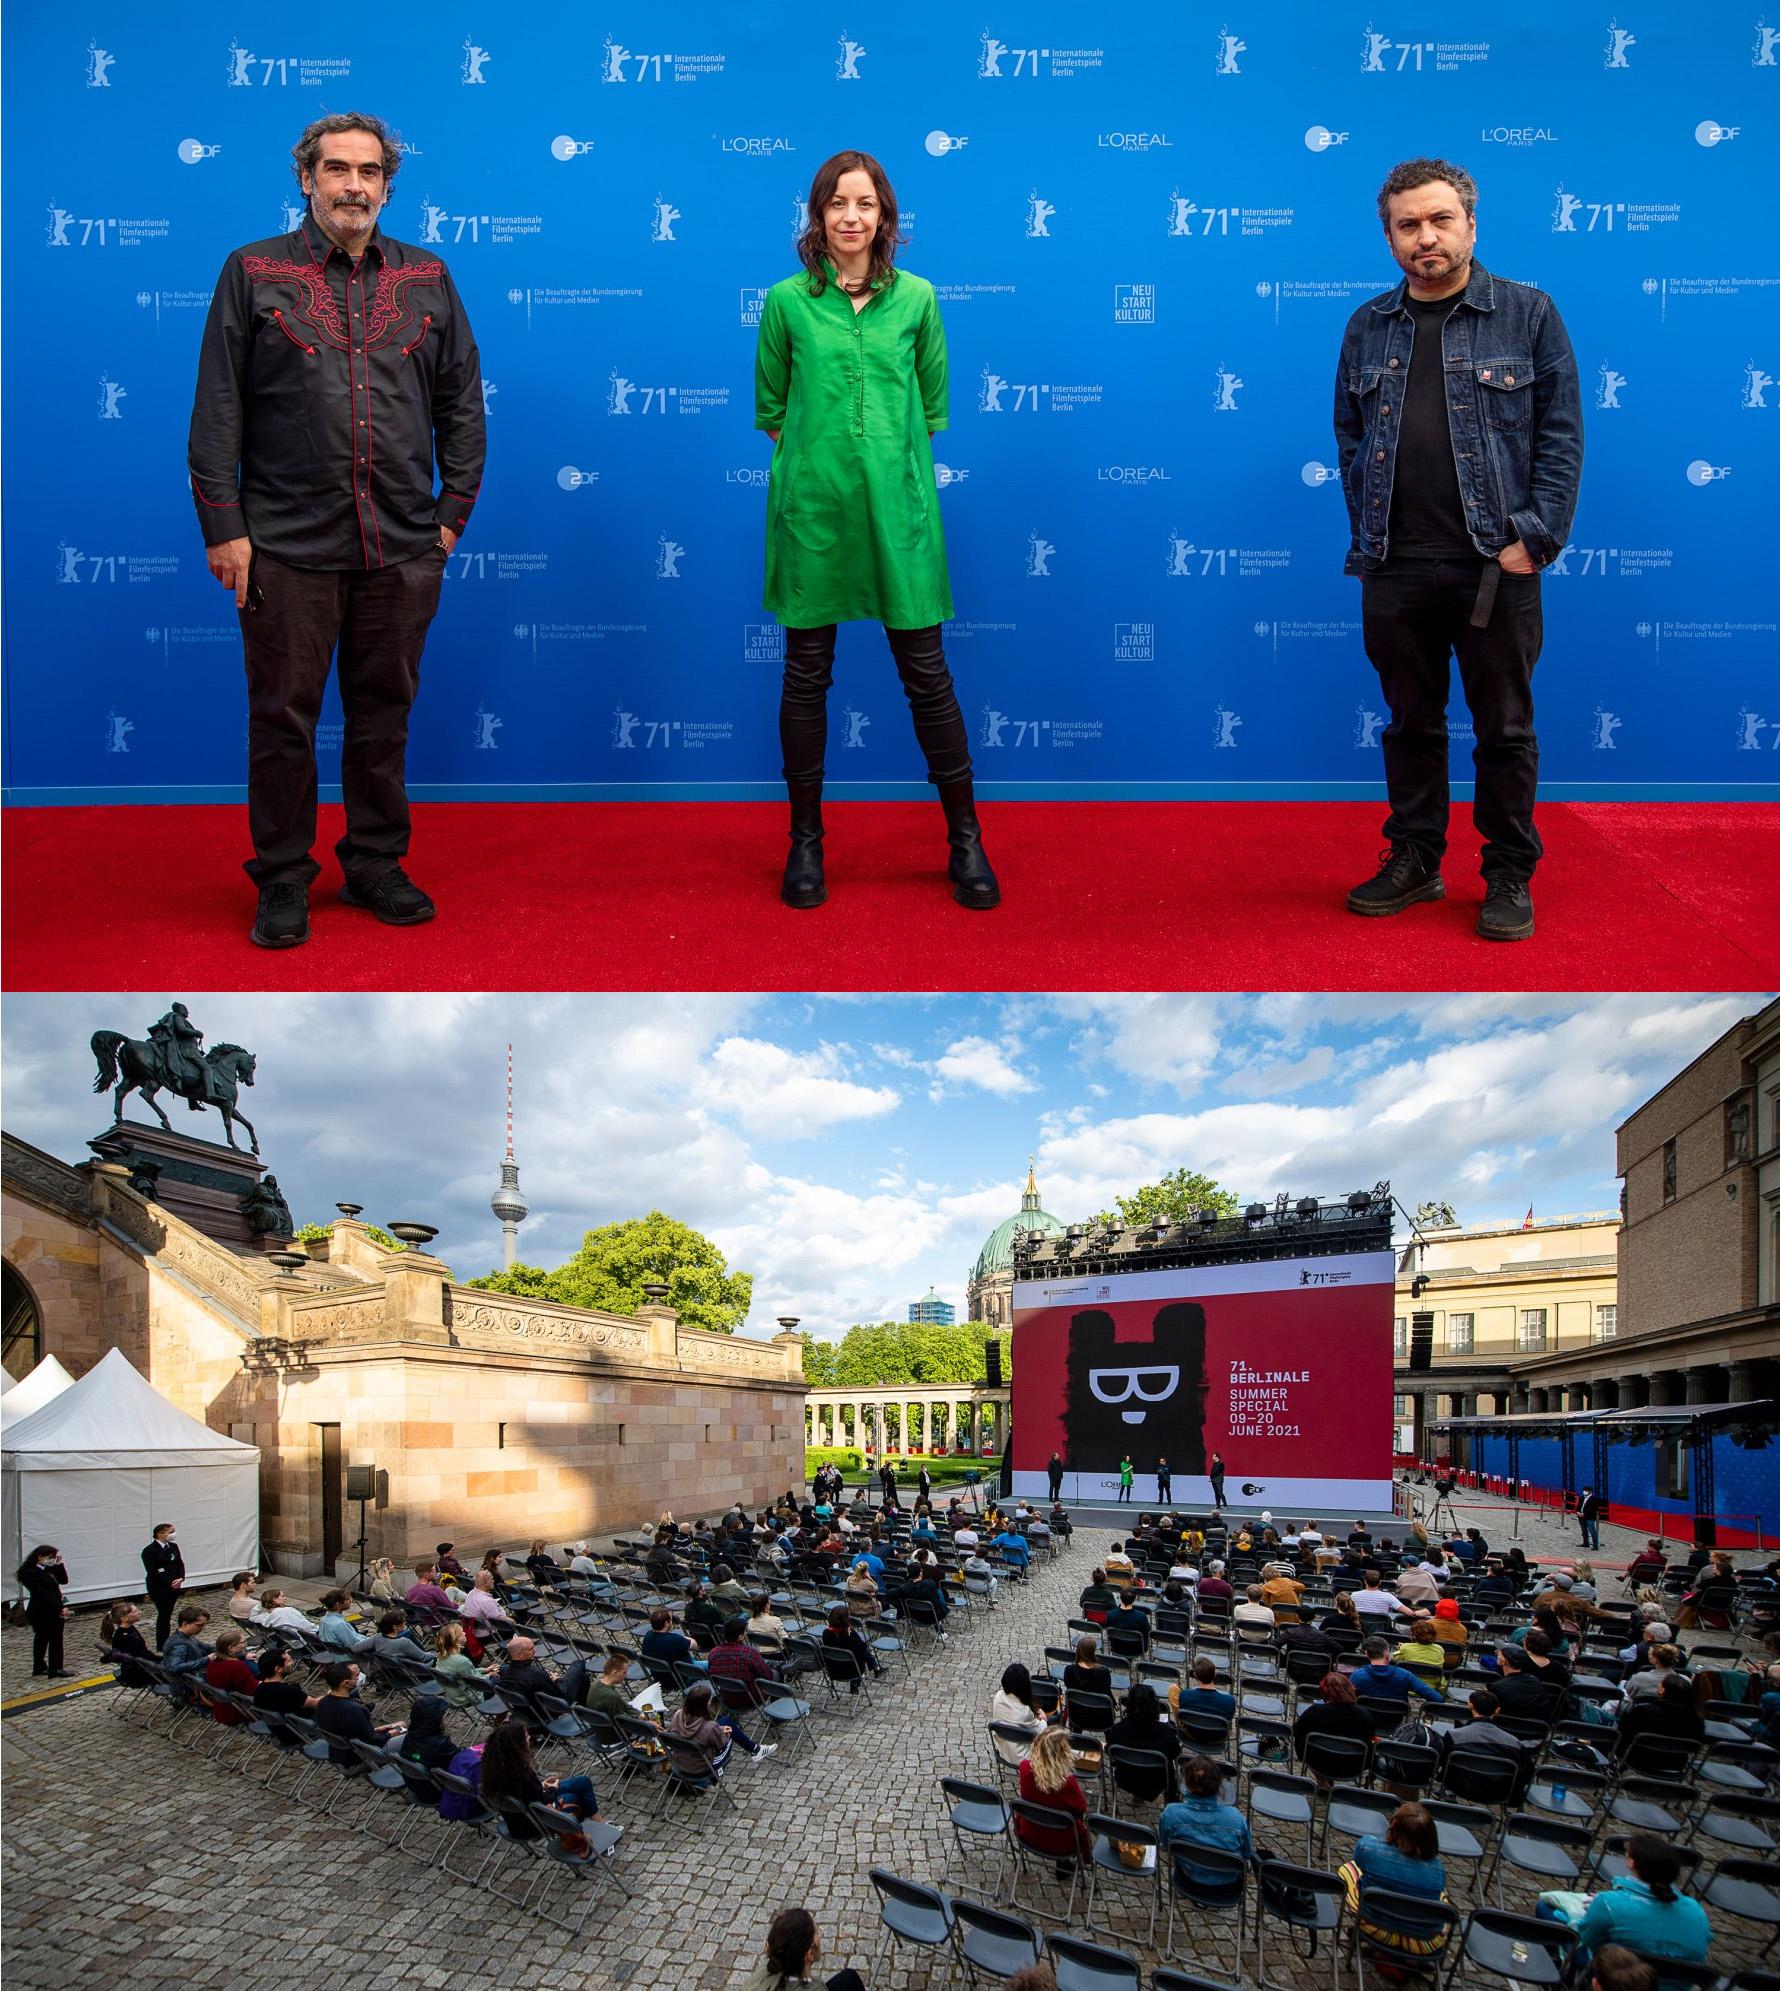 Yibran Asuad, la productora Elena Fortes y Ruizpalacios, con el cine al aire libre donde se proyectó (Berlinale)